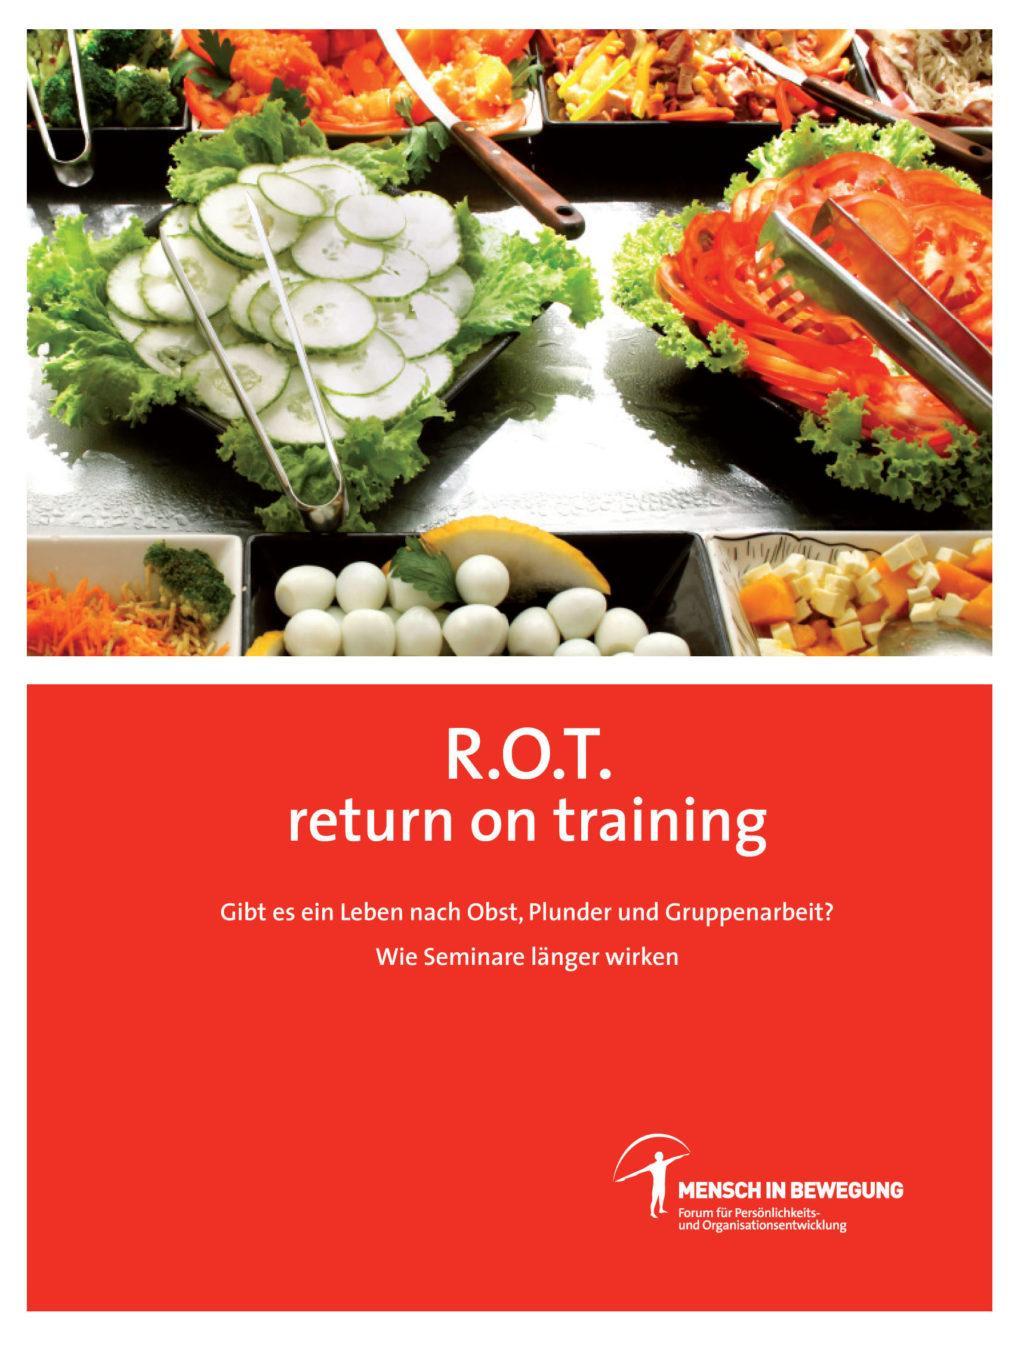 Buchcover R.O.T. Return On Training - von Mag Norbert Withalm & Mensch in Bewegung